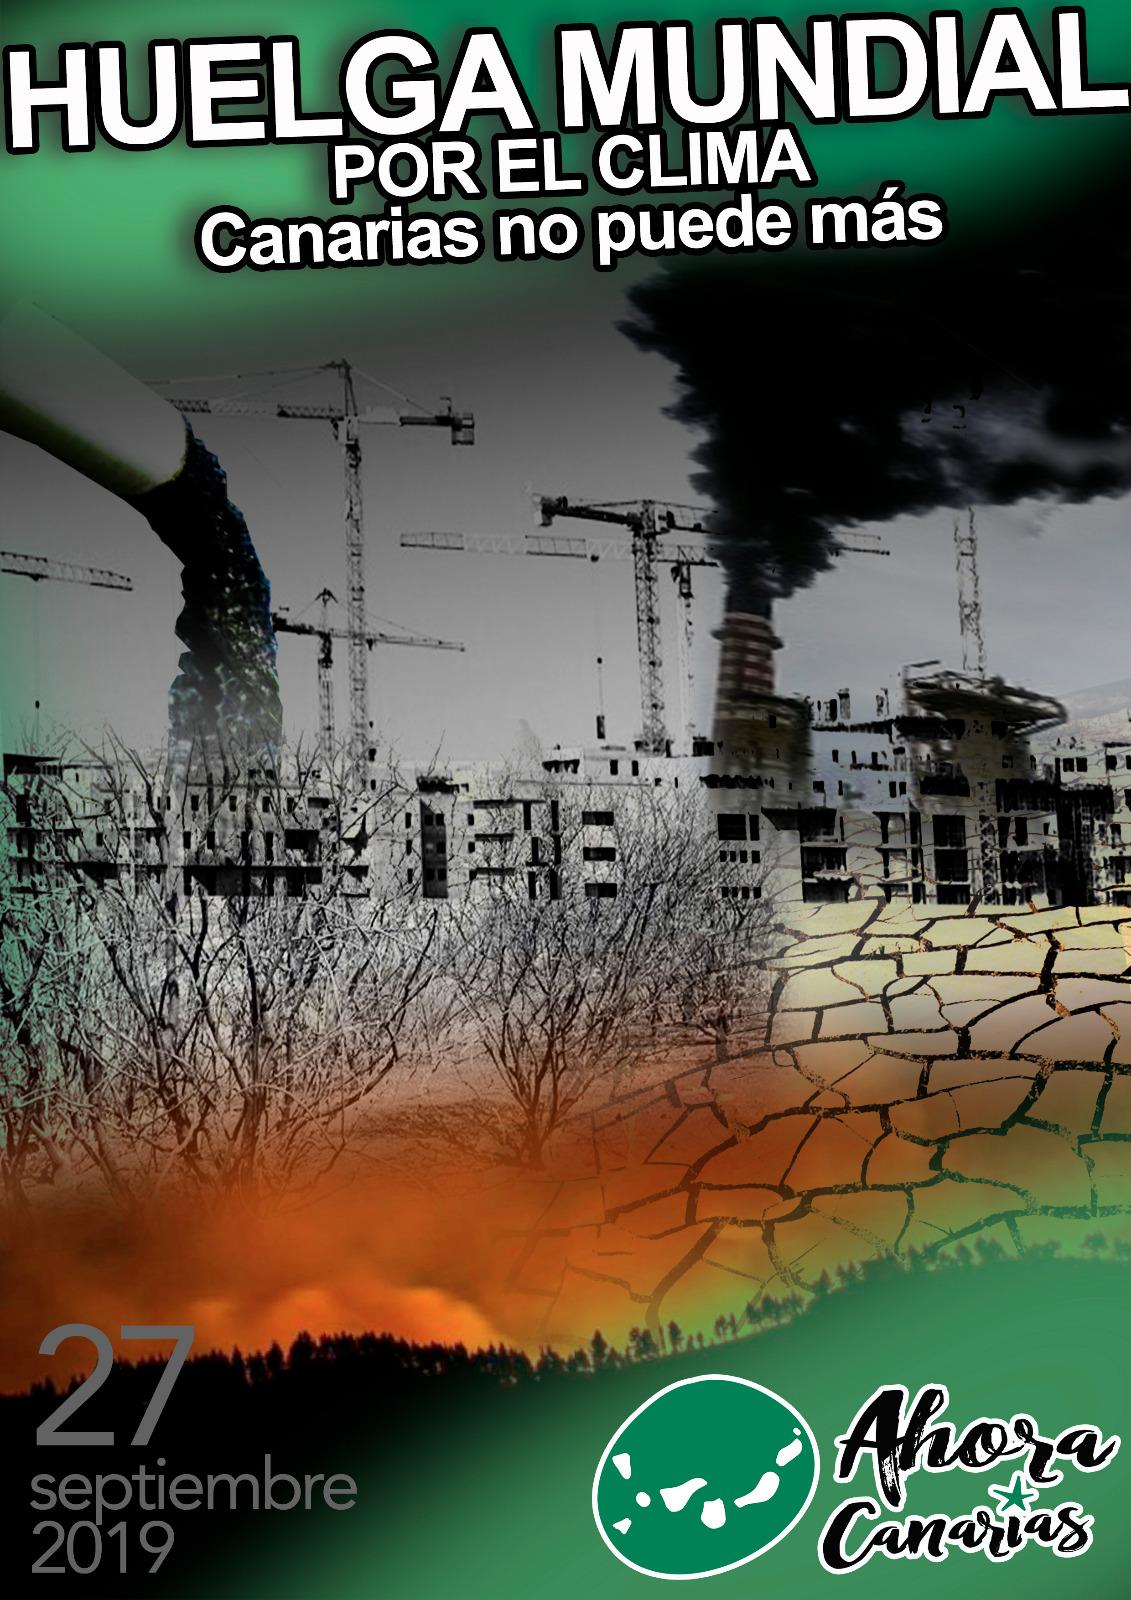 Ahora Canarias participa de la movilización mundial por el clima de este viernes